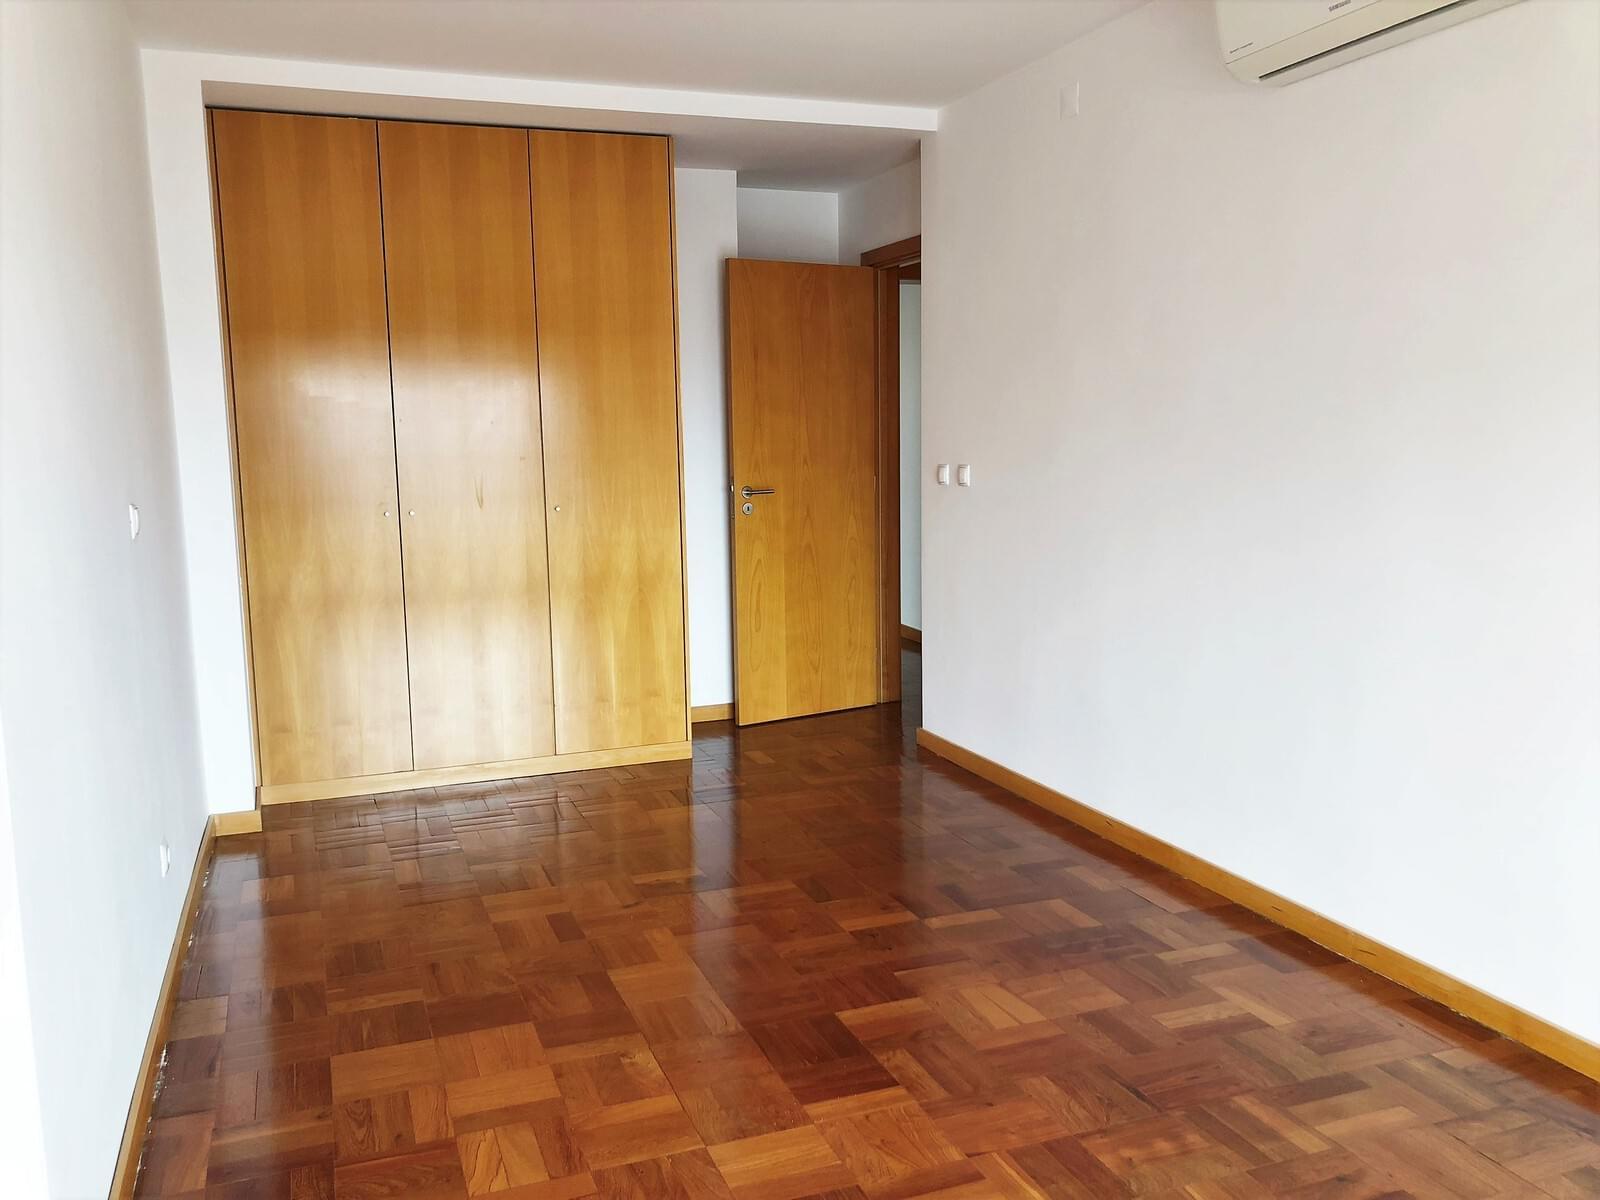 pf18040-apartamento-t3-lisboa-56e309f4-df5f-4dd4-9b87-203756e5a247